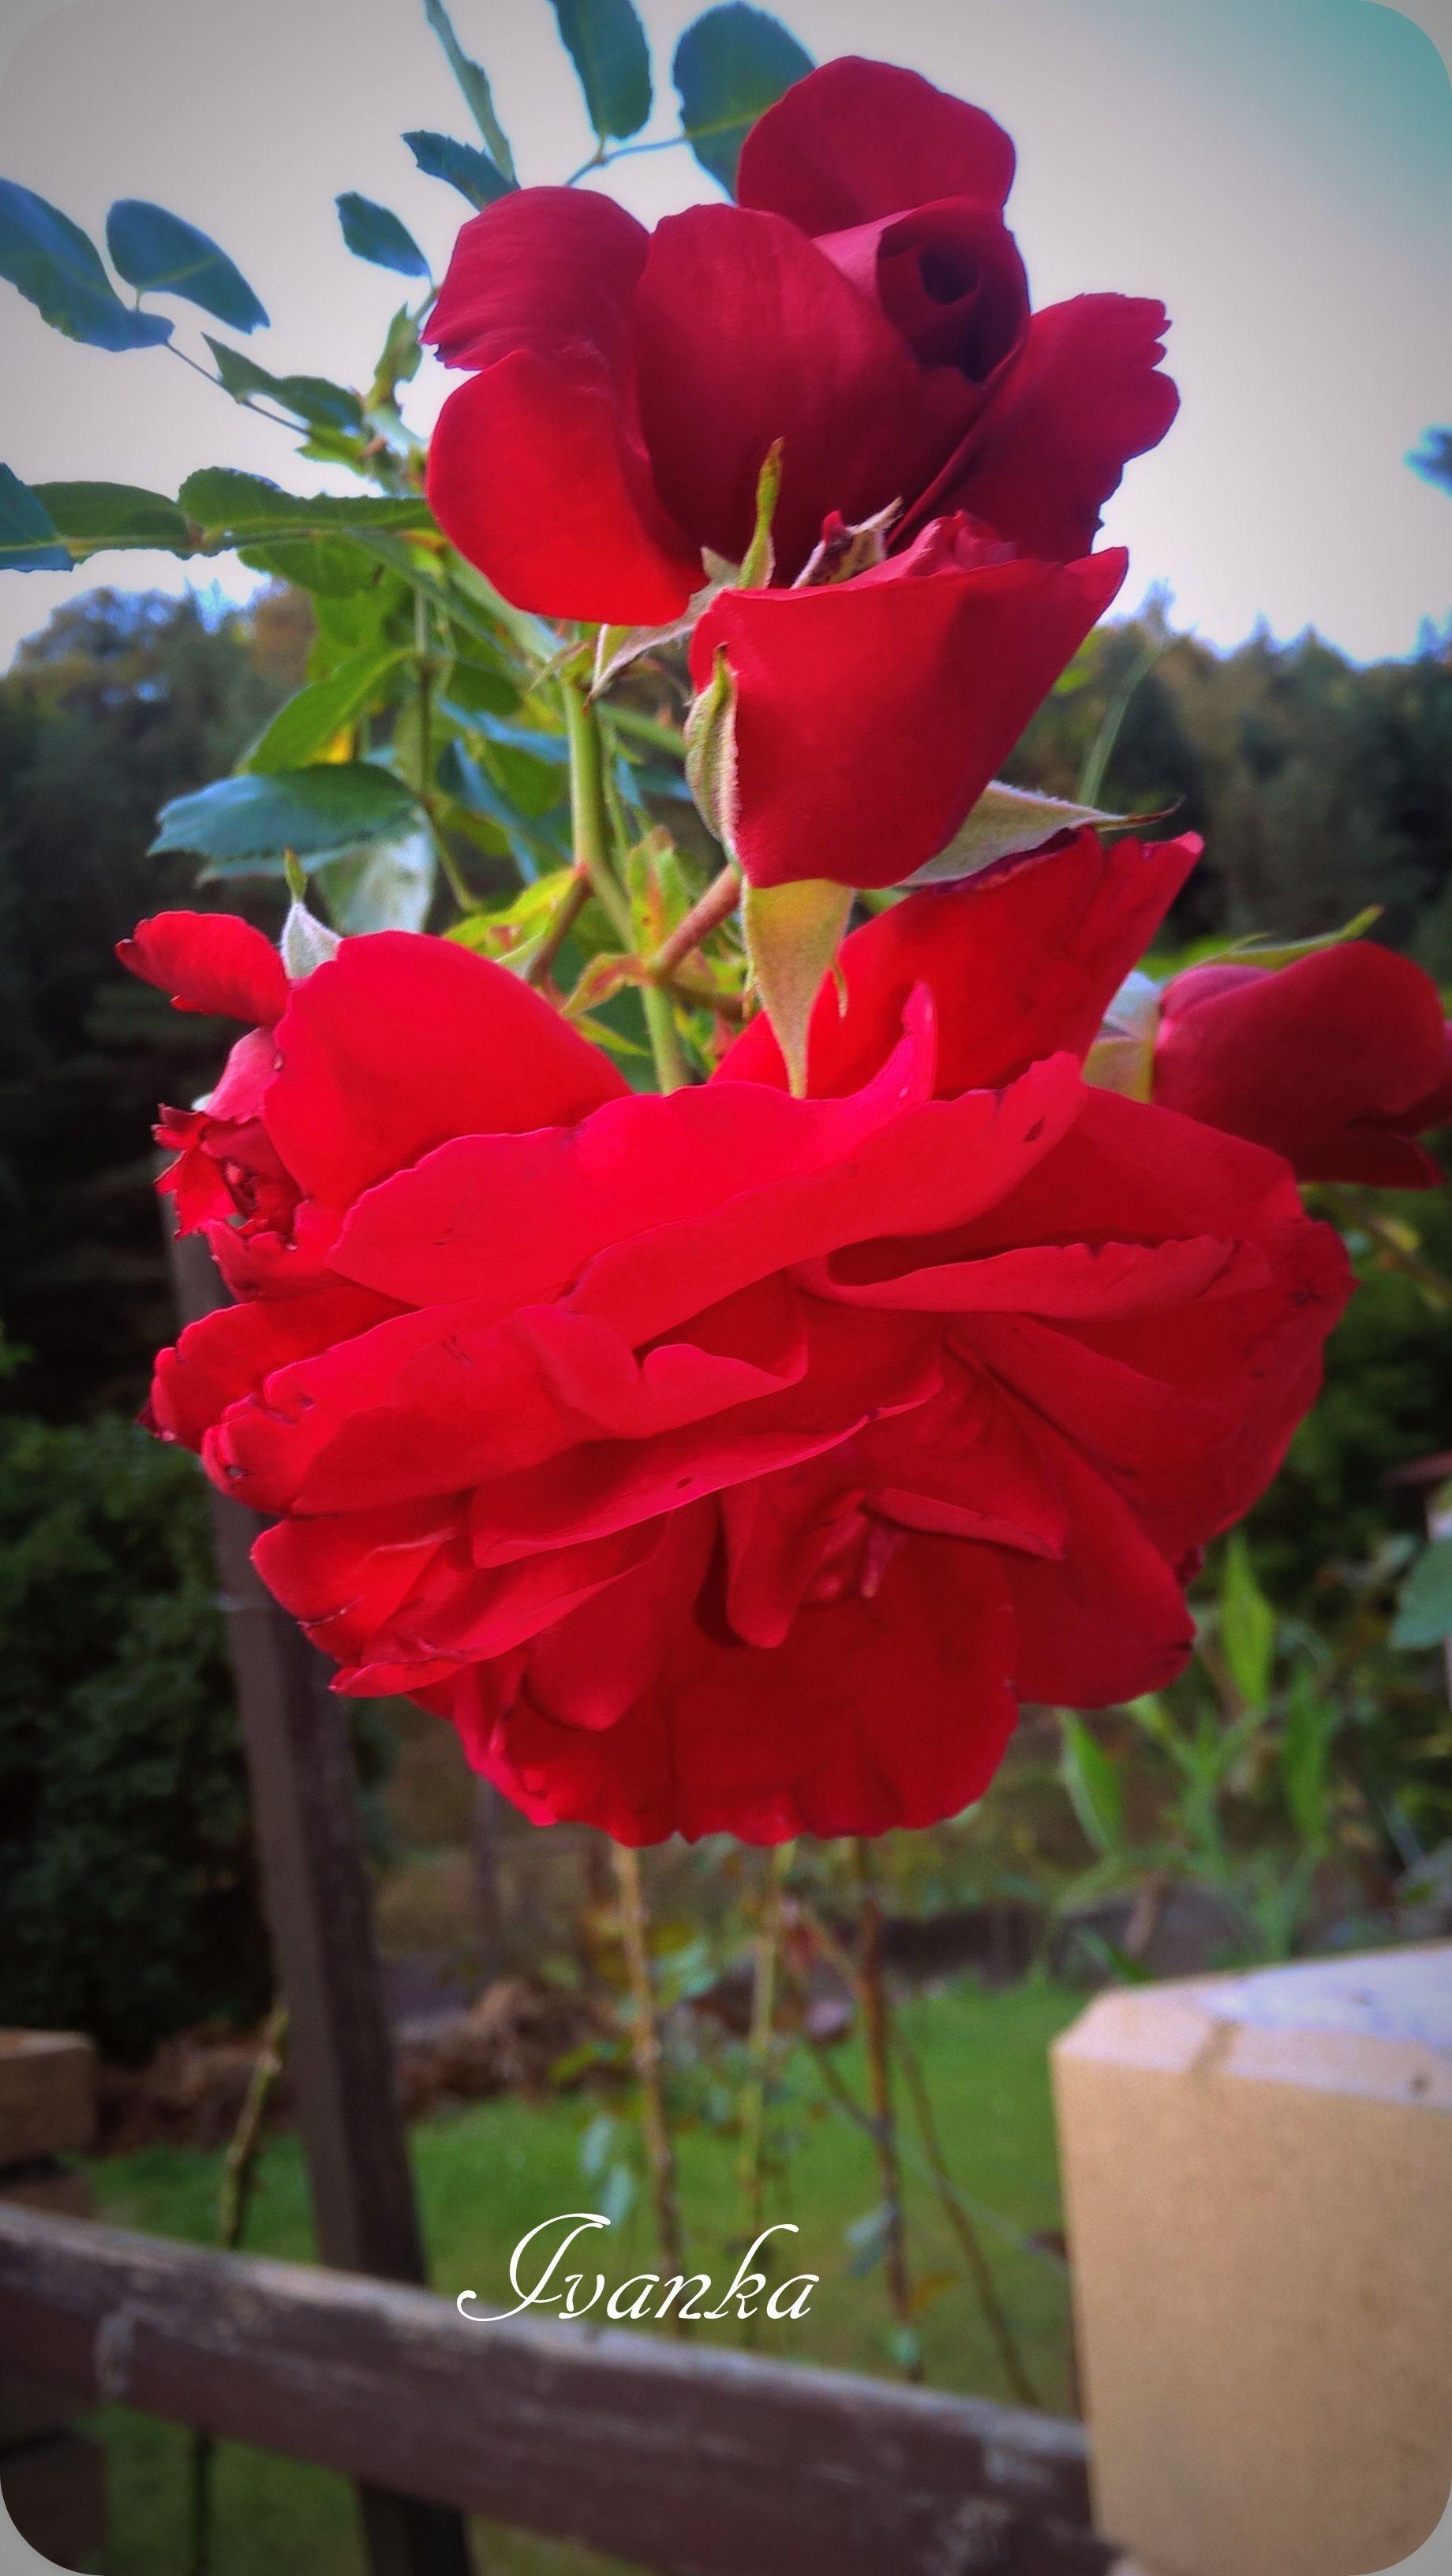 Fantasie - jméno přesně pro tuhle růži